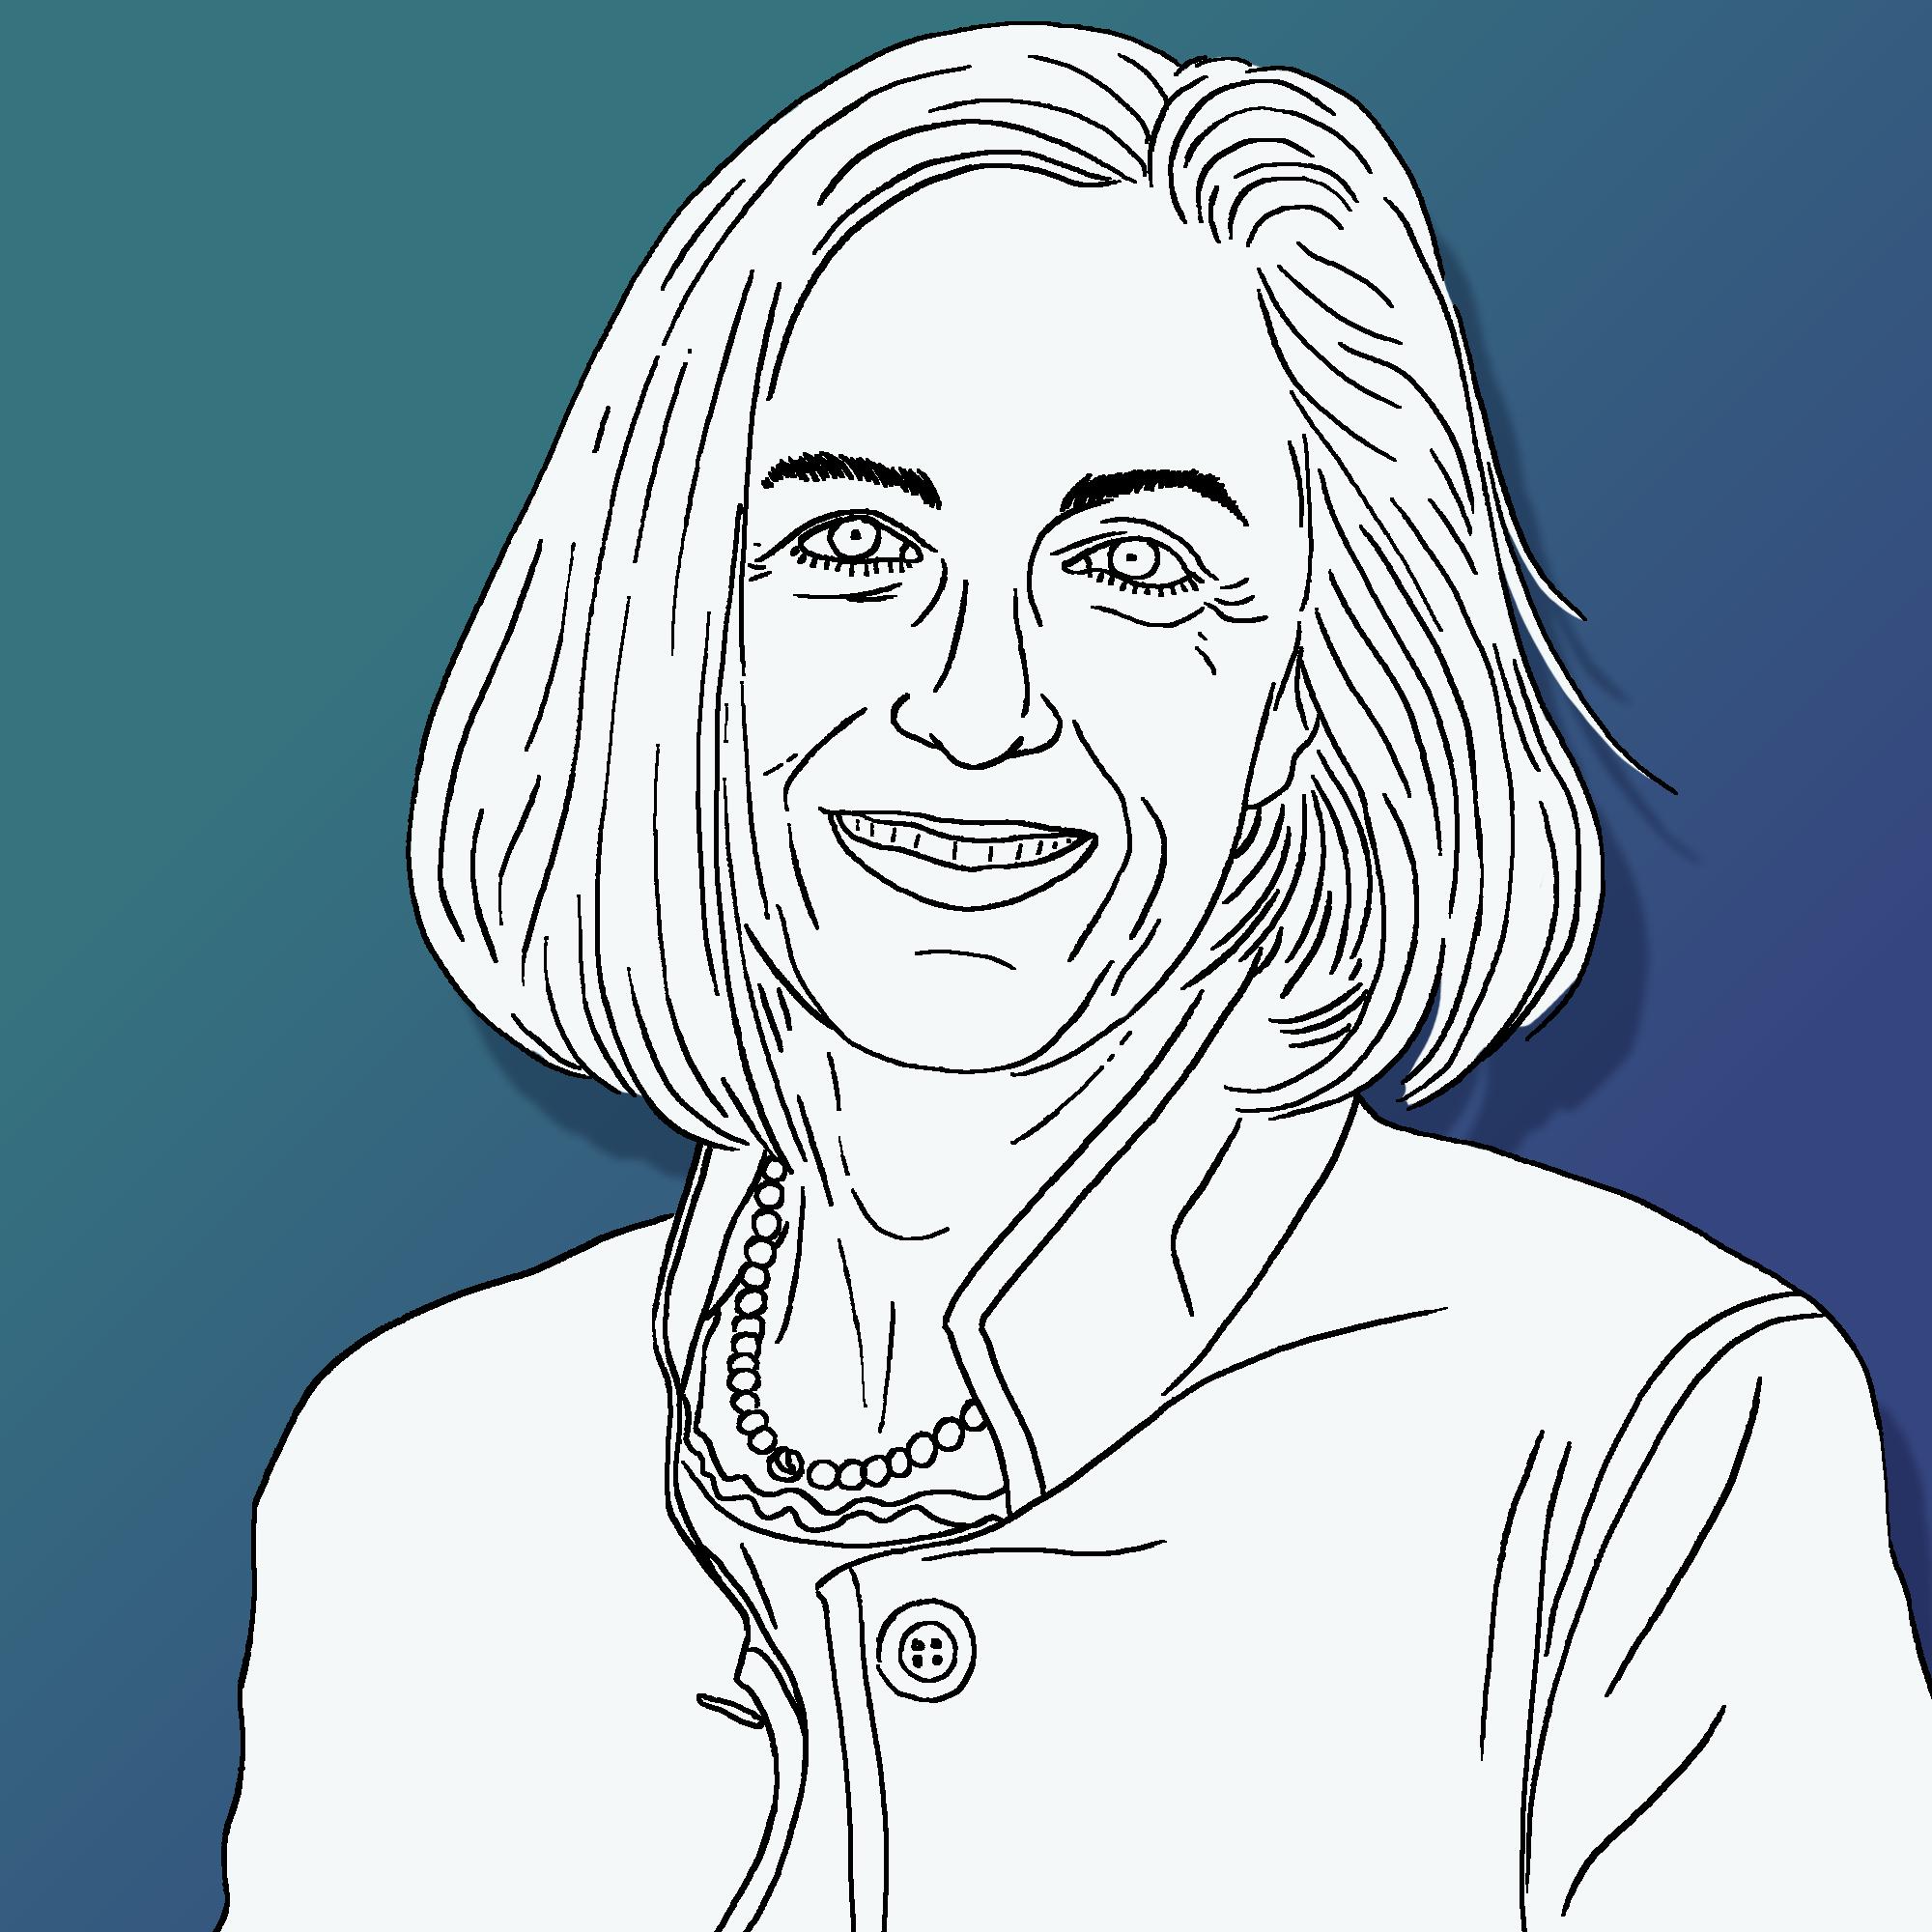 Claudia Troncana ist Gemeindepräsidentin von Silvaplana. Seit 2006 vertritt sie den Kreis Oberengadin im Grossen Rat des Kantons Graubünden.